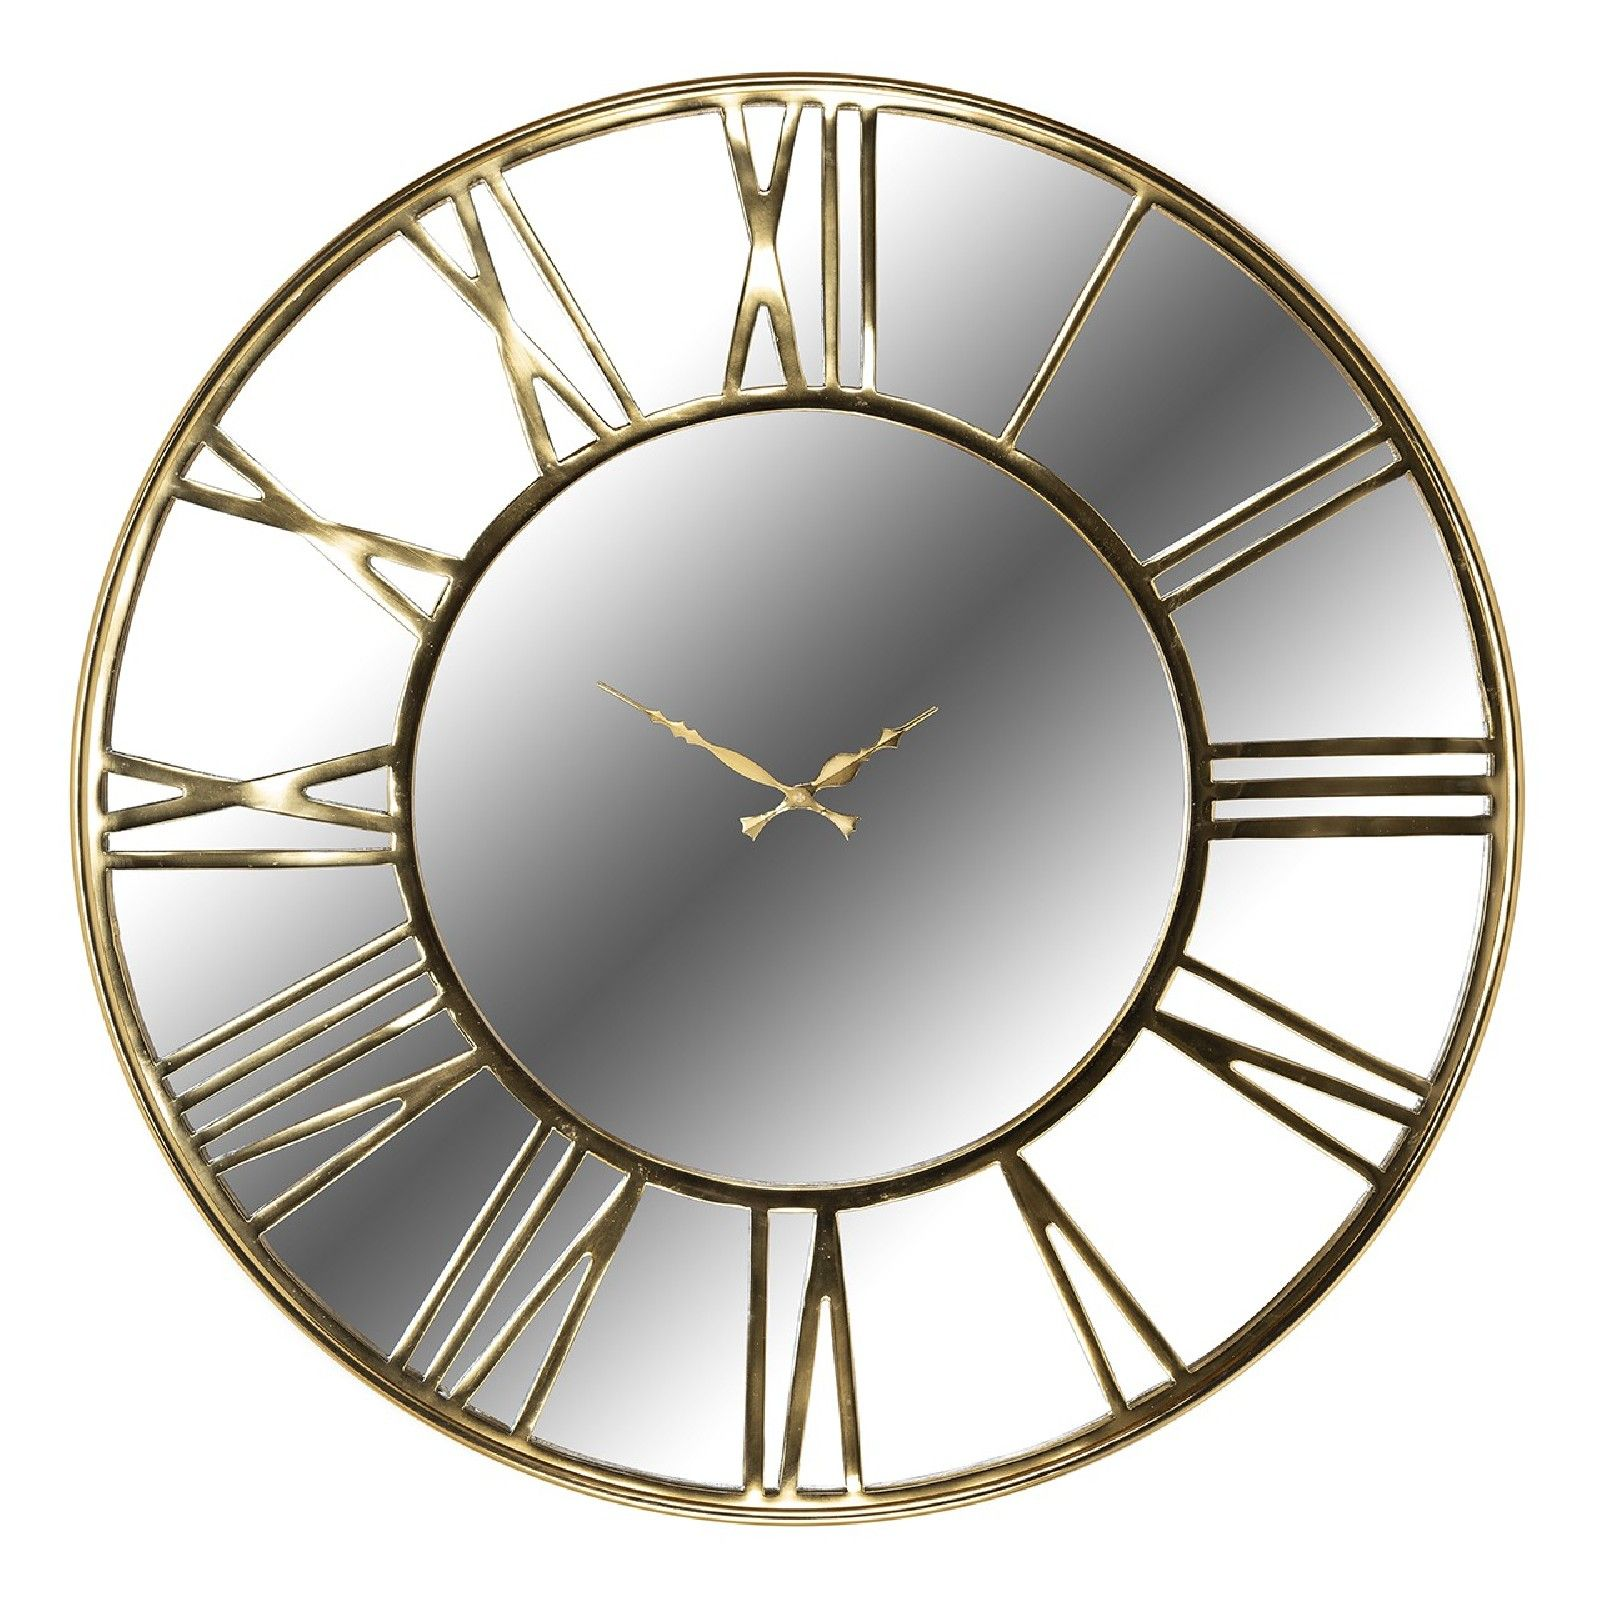 Horloge Greyson Horloges murales - 5